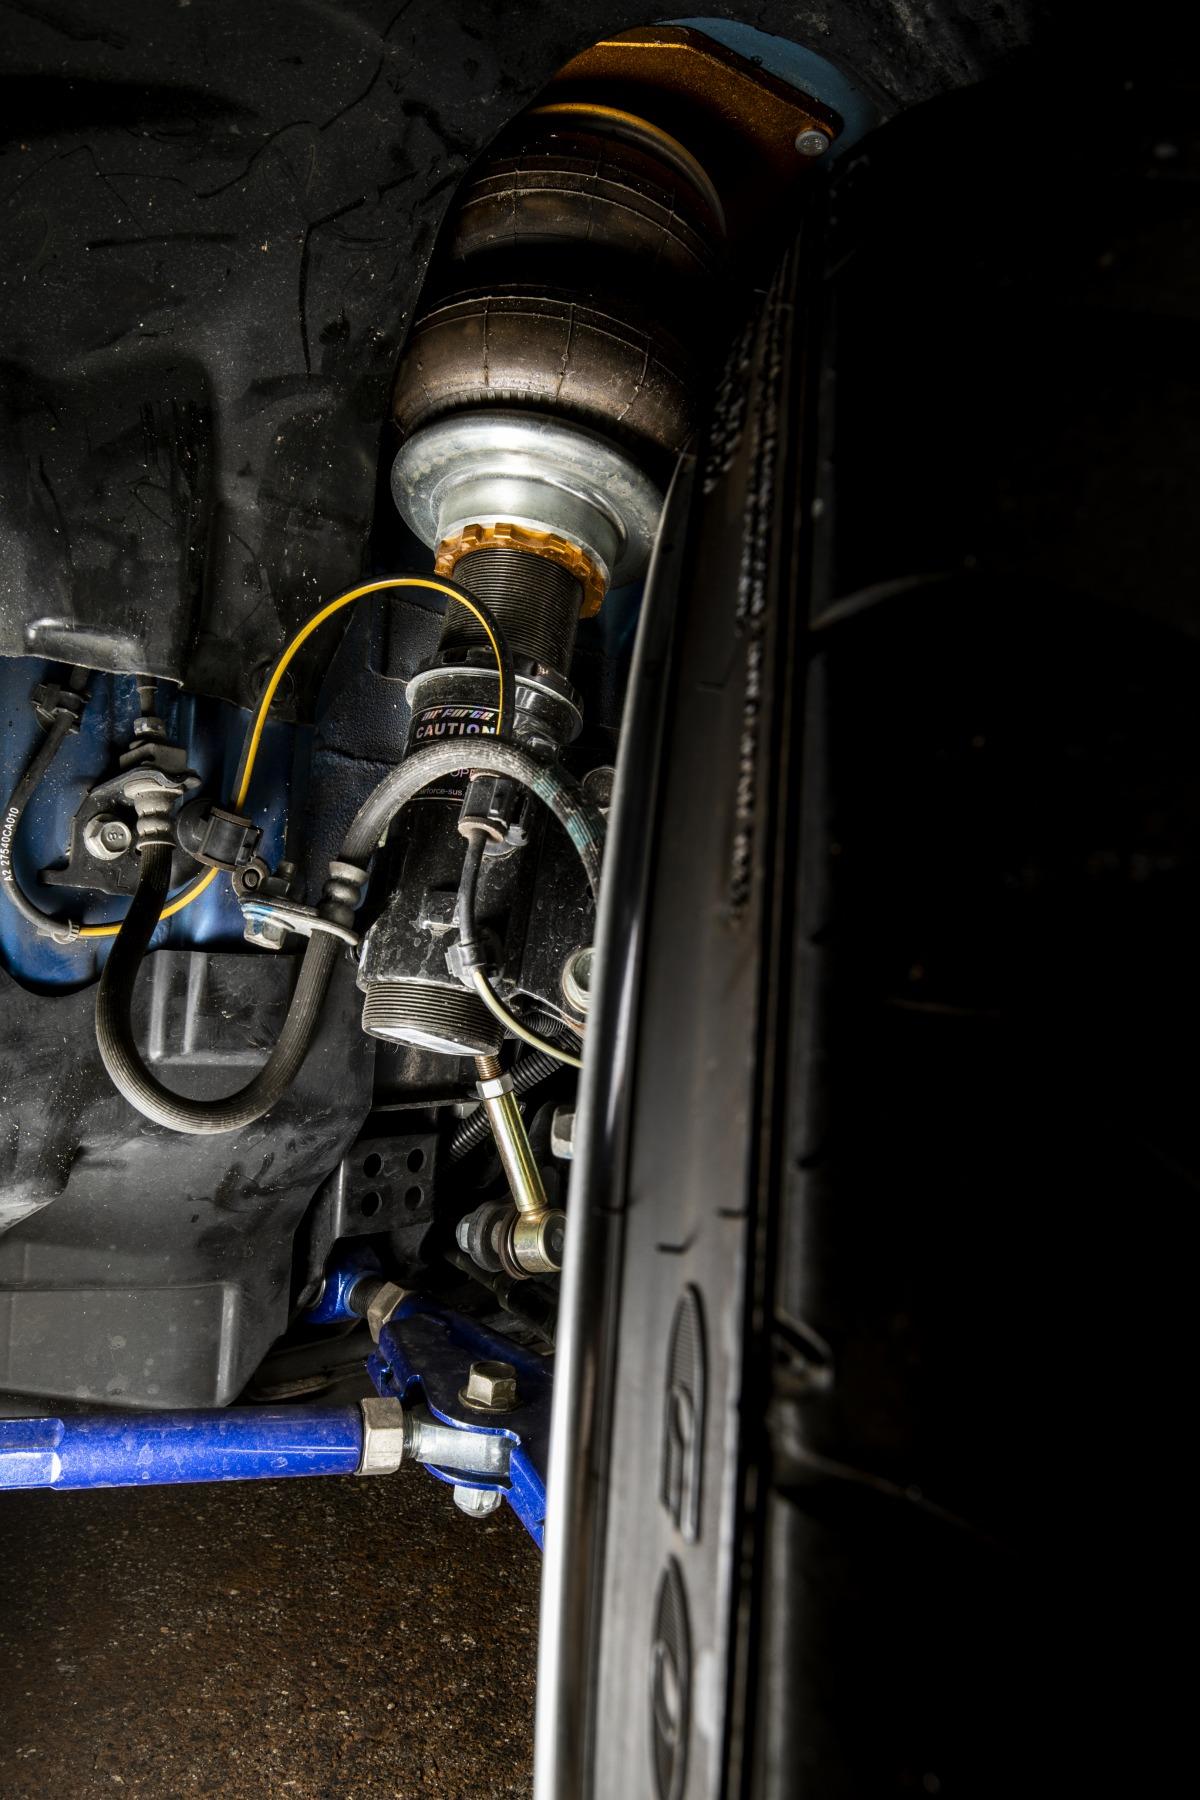 SUBARU BRZ airsuspension bagged airforcesuspension エアサス Hardline パイピング カスタム